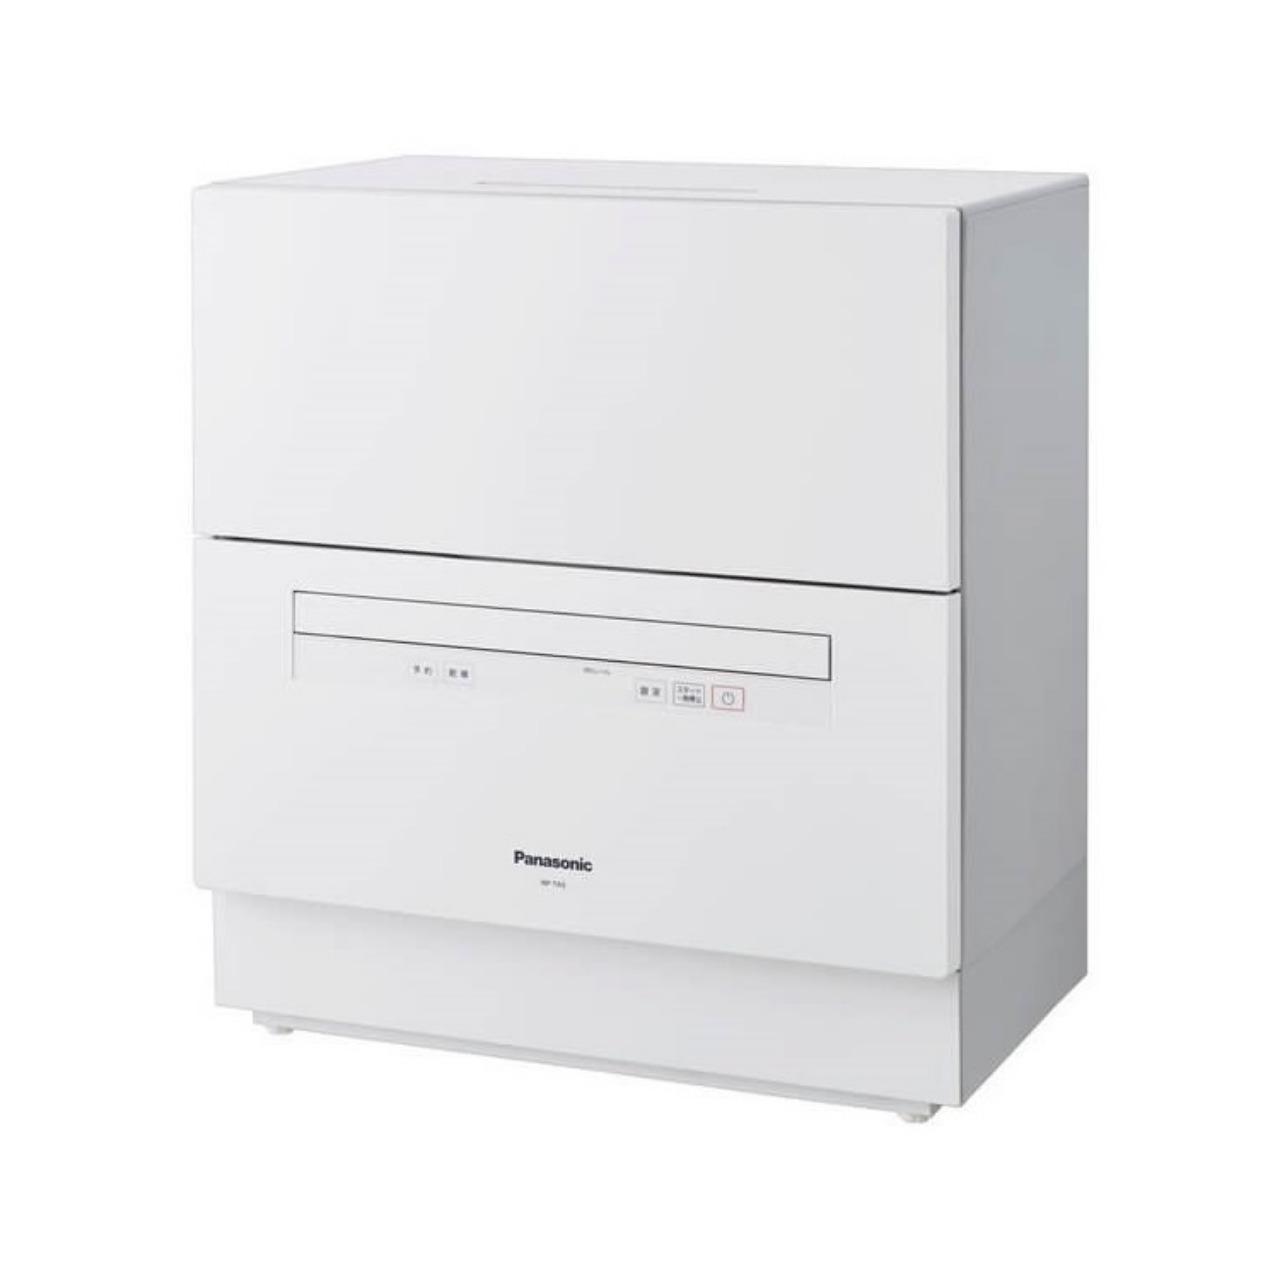 パナソニックNP-TA3食器洗い乾燥機